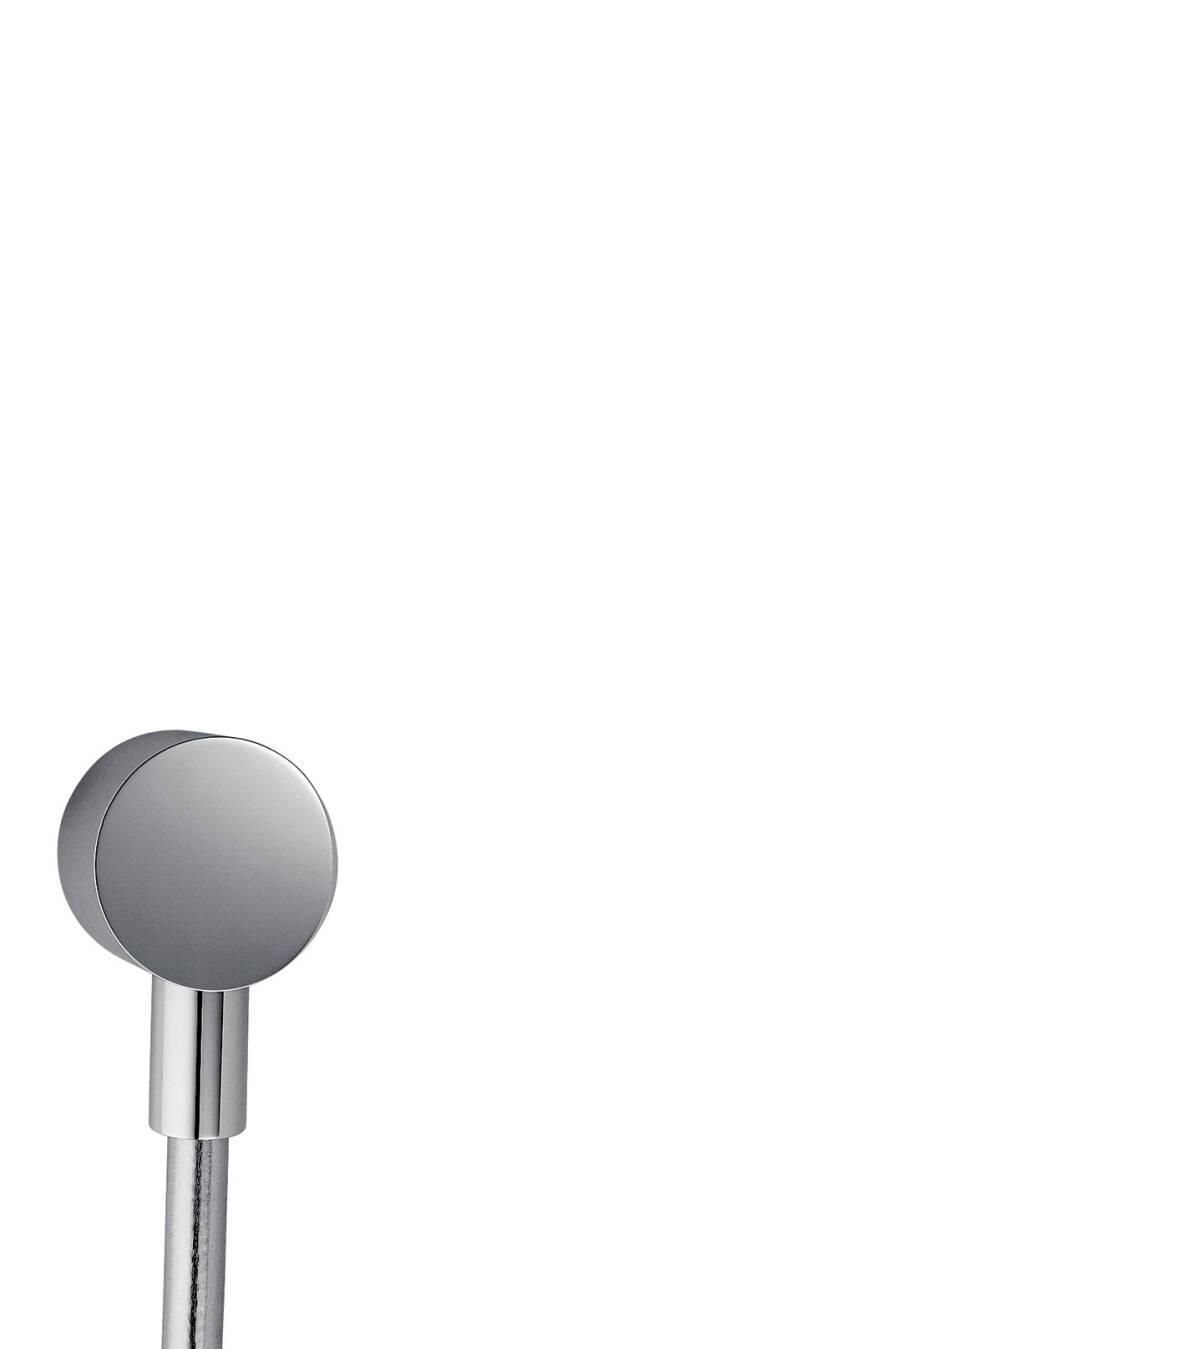 FixFit Schlauchanschluss Round, Chrom, 27451000